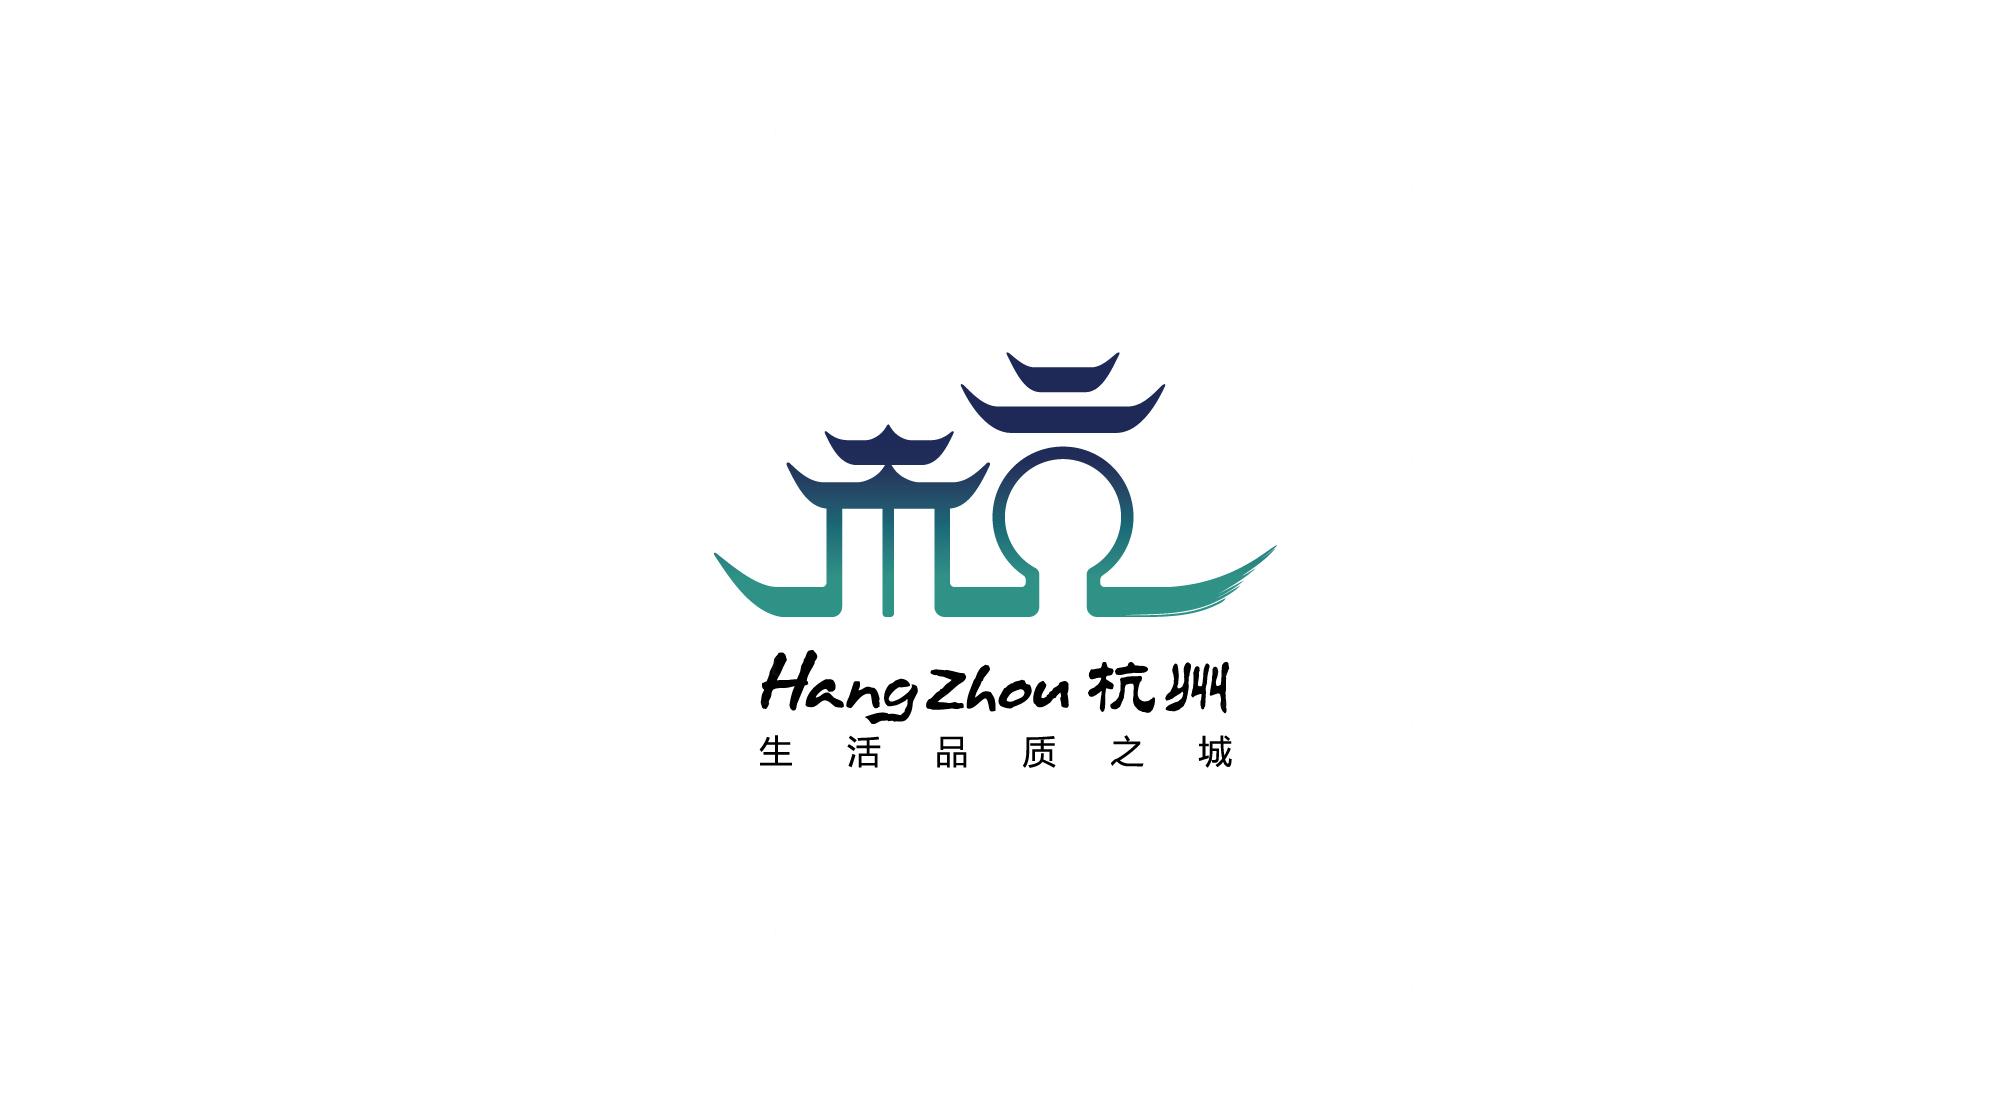 政府组织品牌设计杭州城LOGO&VI设计